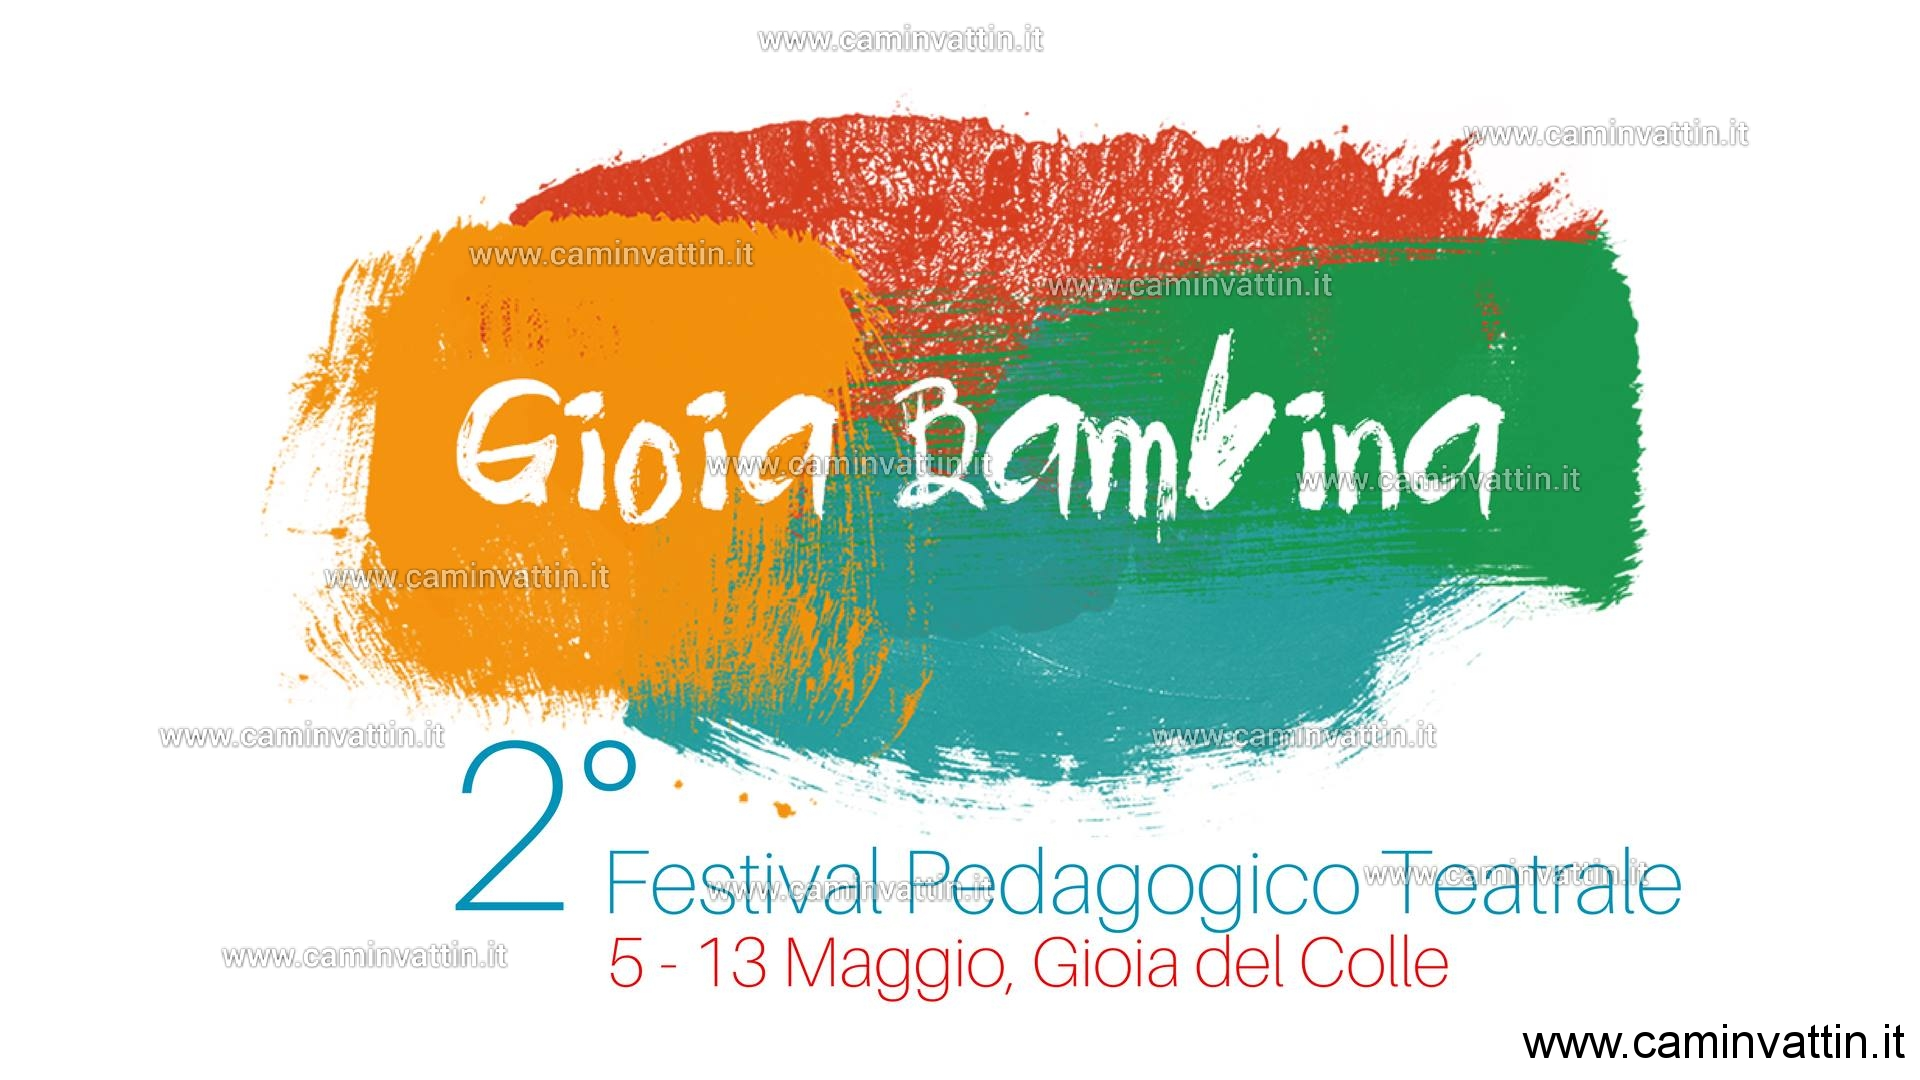 gioia bambina festival pedagogico teatrale